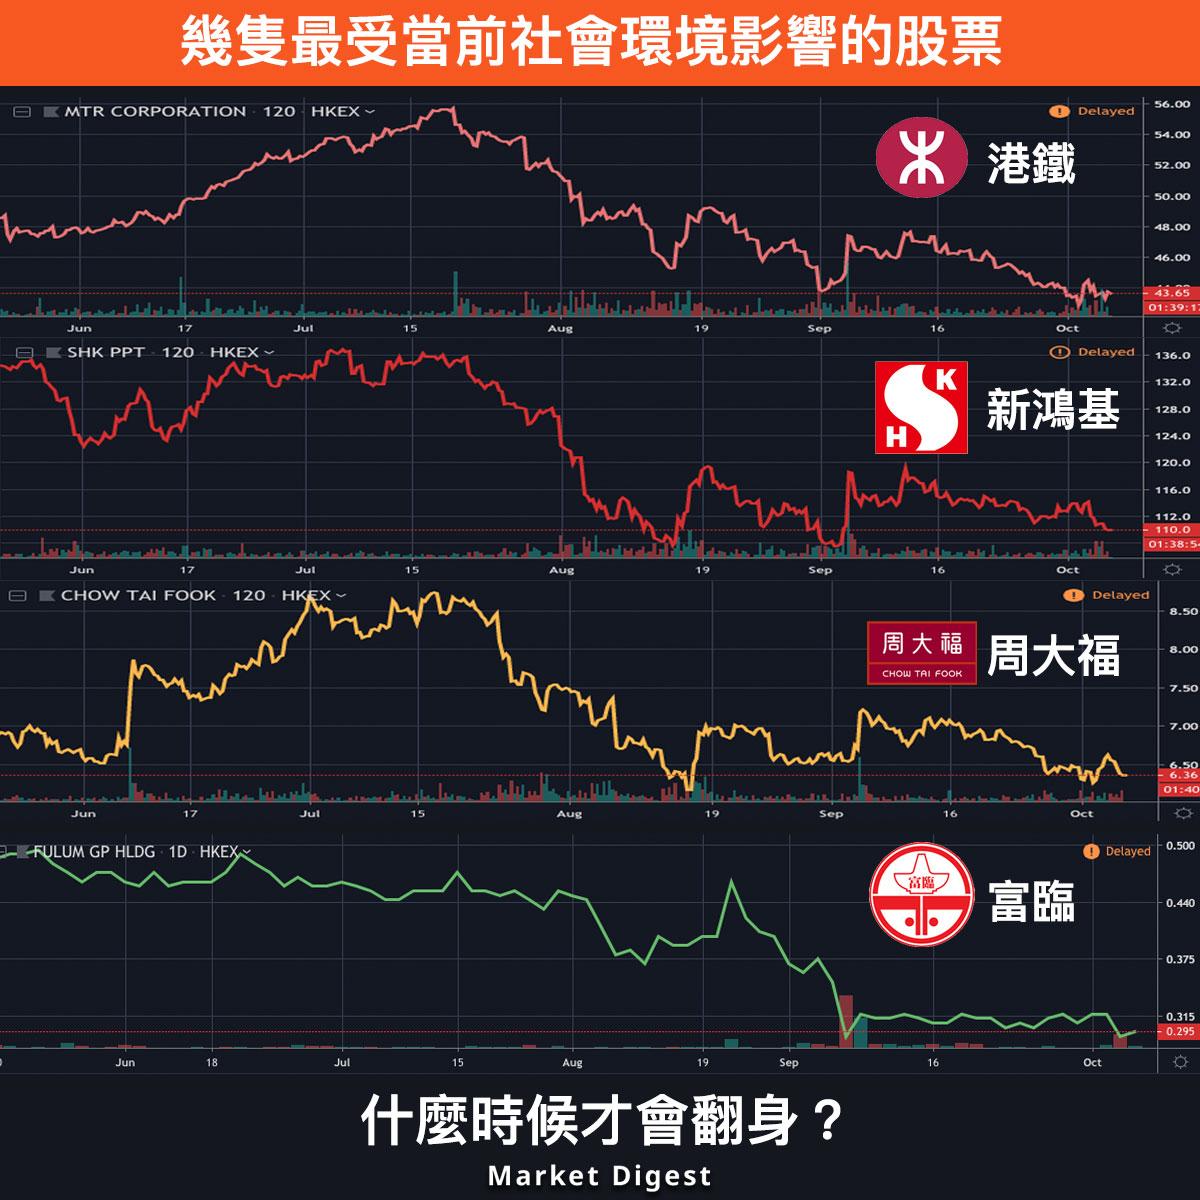 【市場熱話】幾隻最受當前社會環境影響的股票